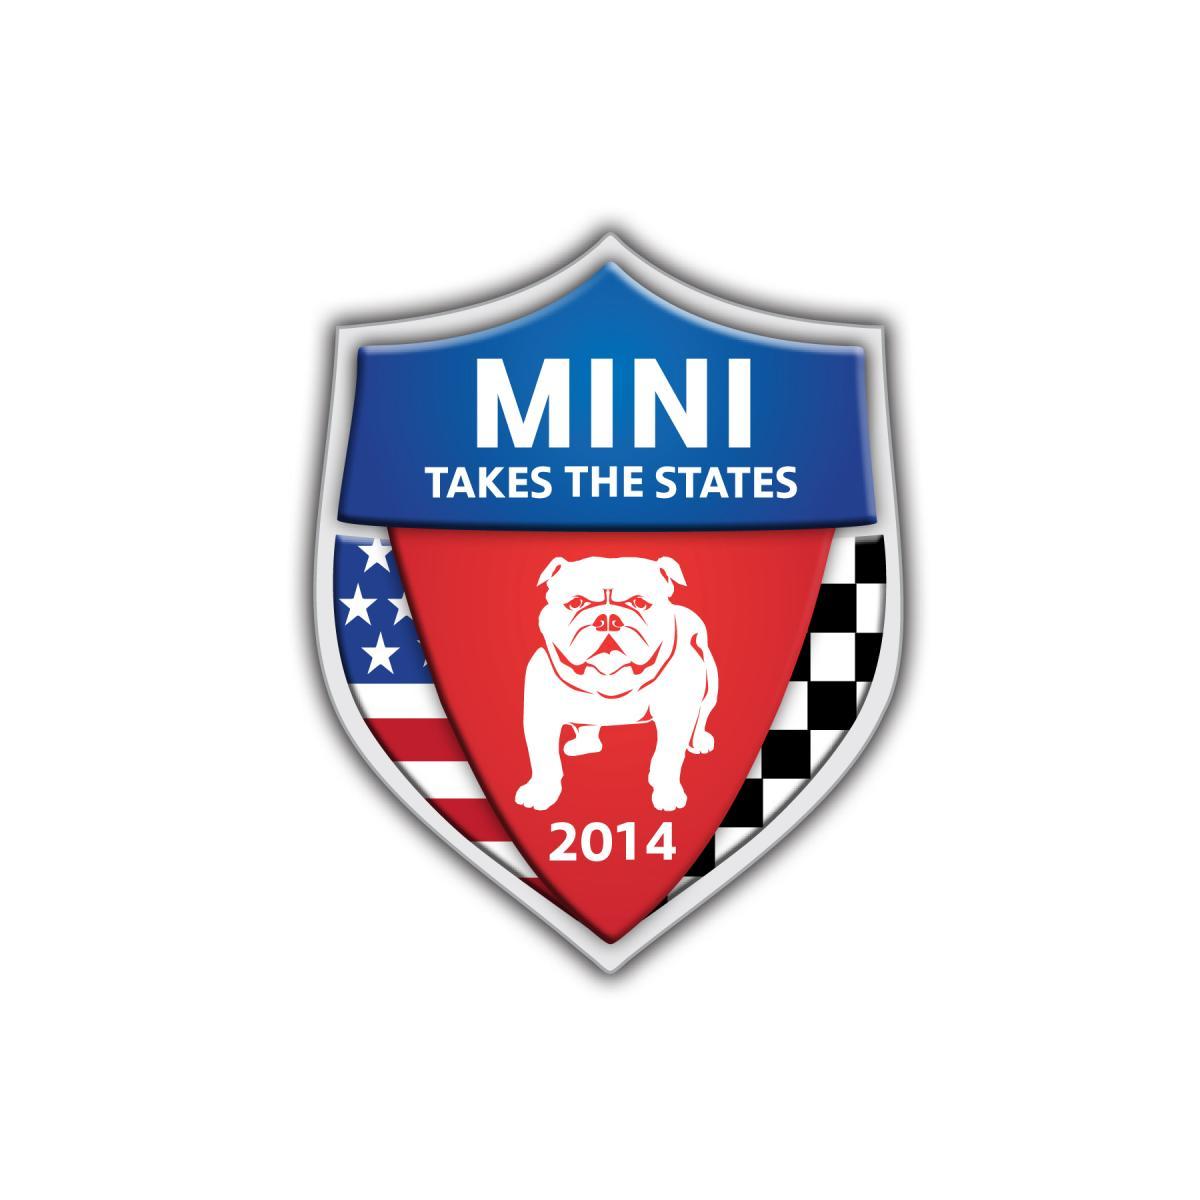 �miniheadseast�